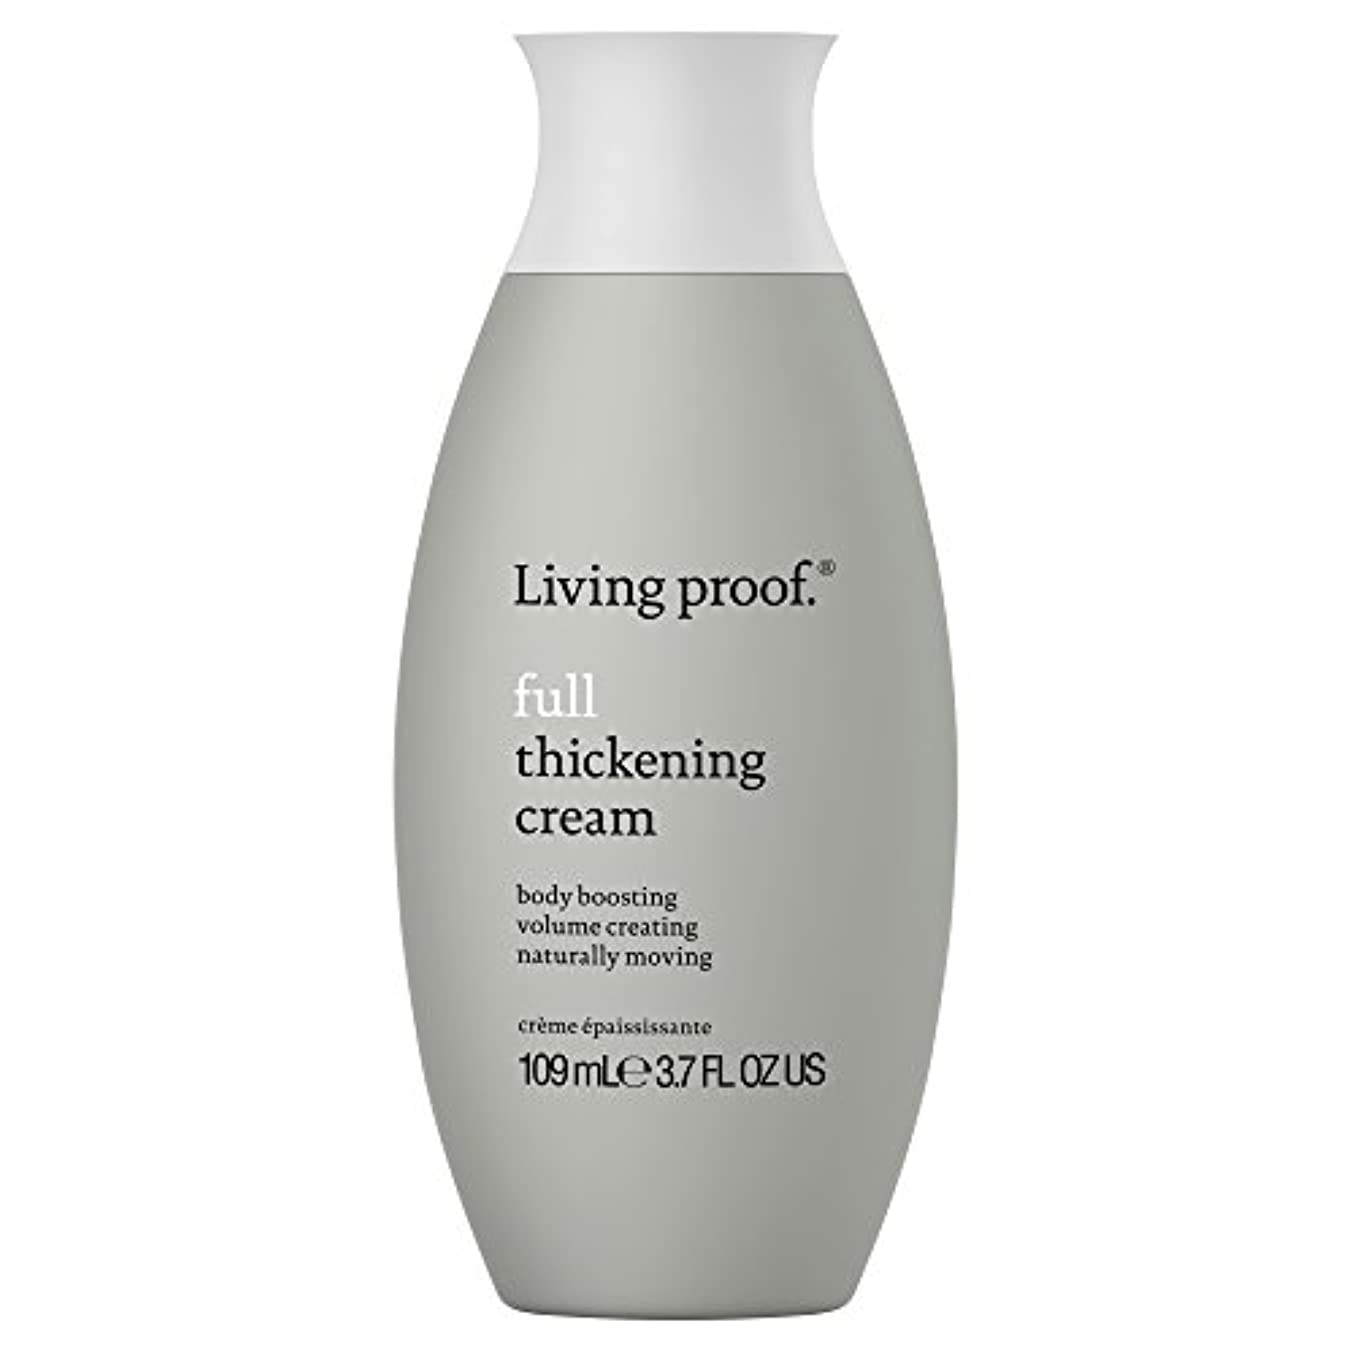 兵士牧師戸惑う生きている証拠フル肥厚クリーム109ミリリットル (Living Proof) (x6) - Living Proof Full Thickening Cream 109ml (Pack of 6) [並行輸入品]